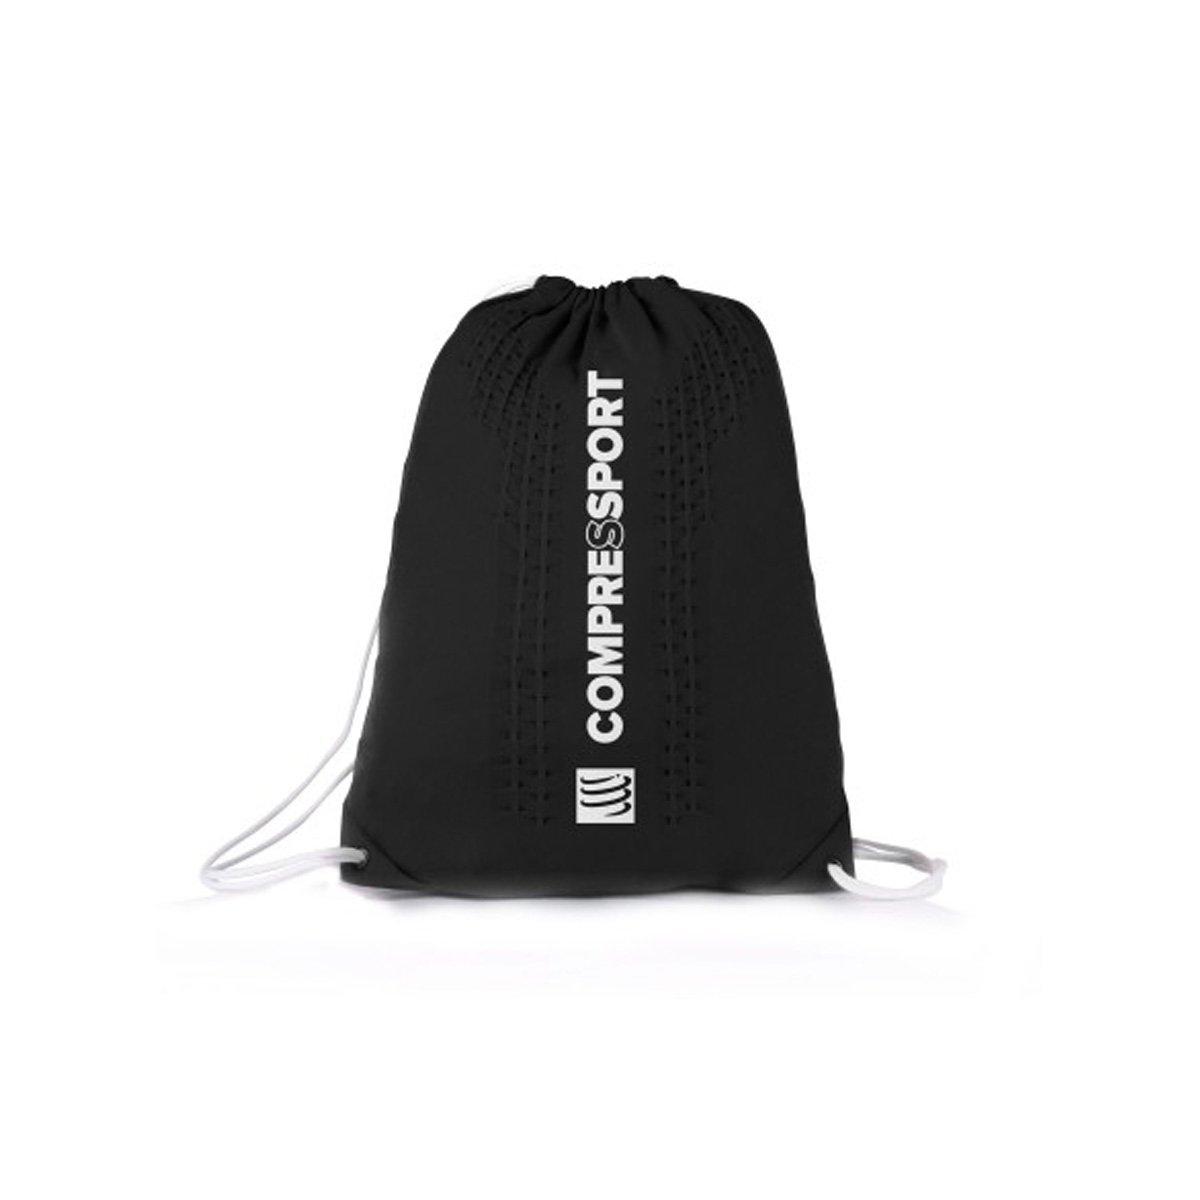 バックパックブラックマルチスポーツby Compressport – Endlessバッグ- - - - - - - B01MAVYPT4 ブラック